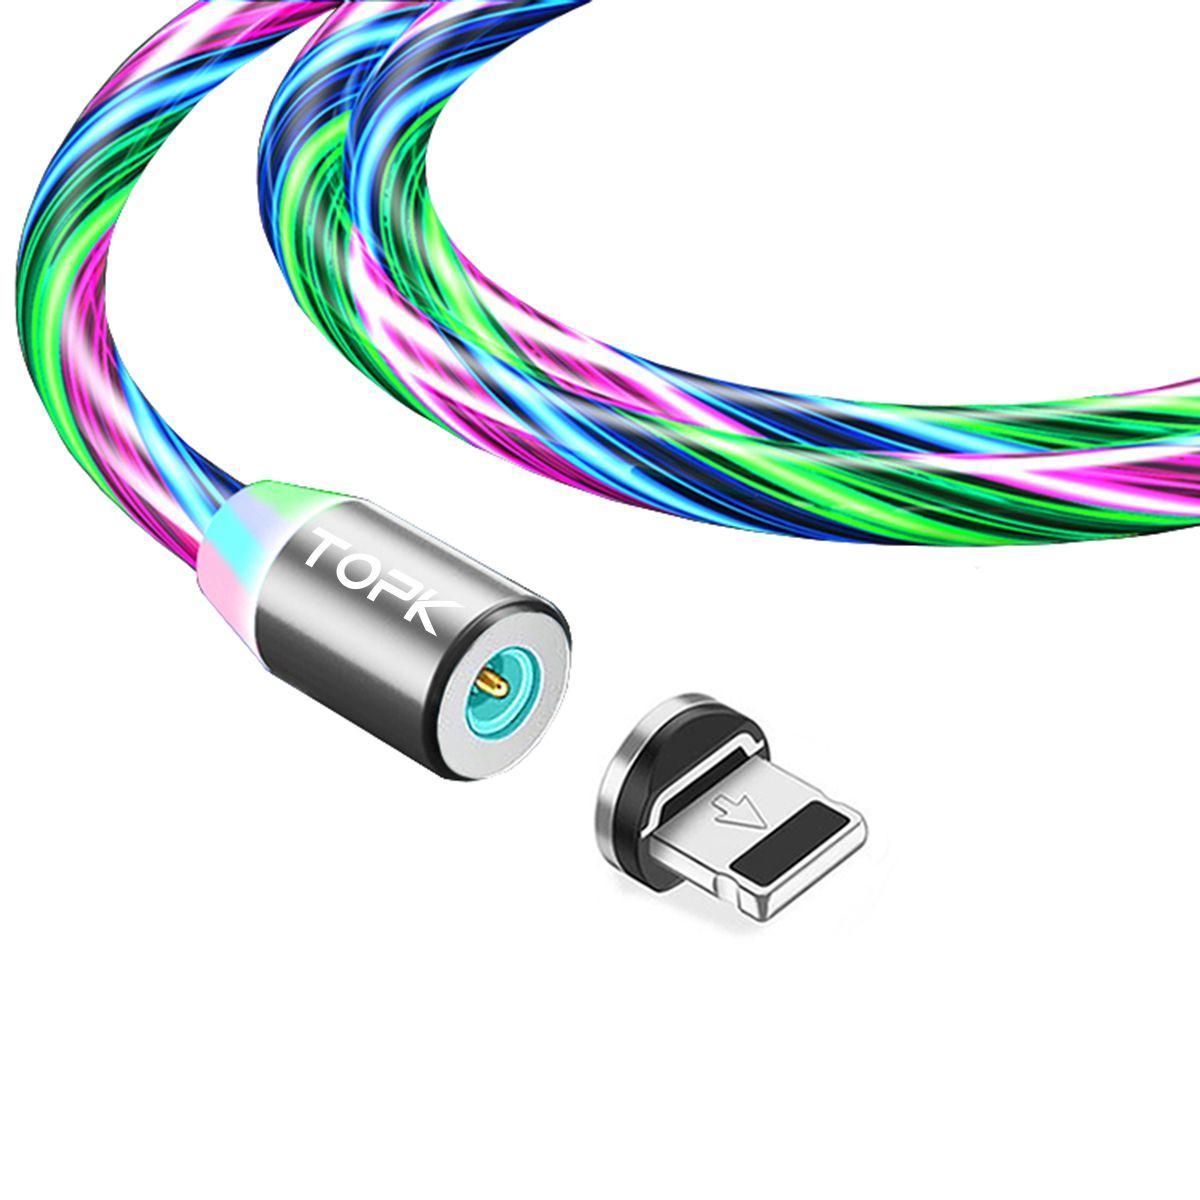 Магнітний кабель TOPK apple-lightning (RZ) для заряджання (100 см) RGB